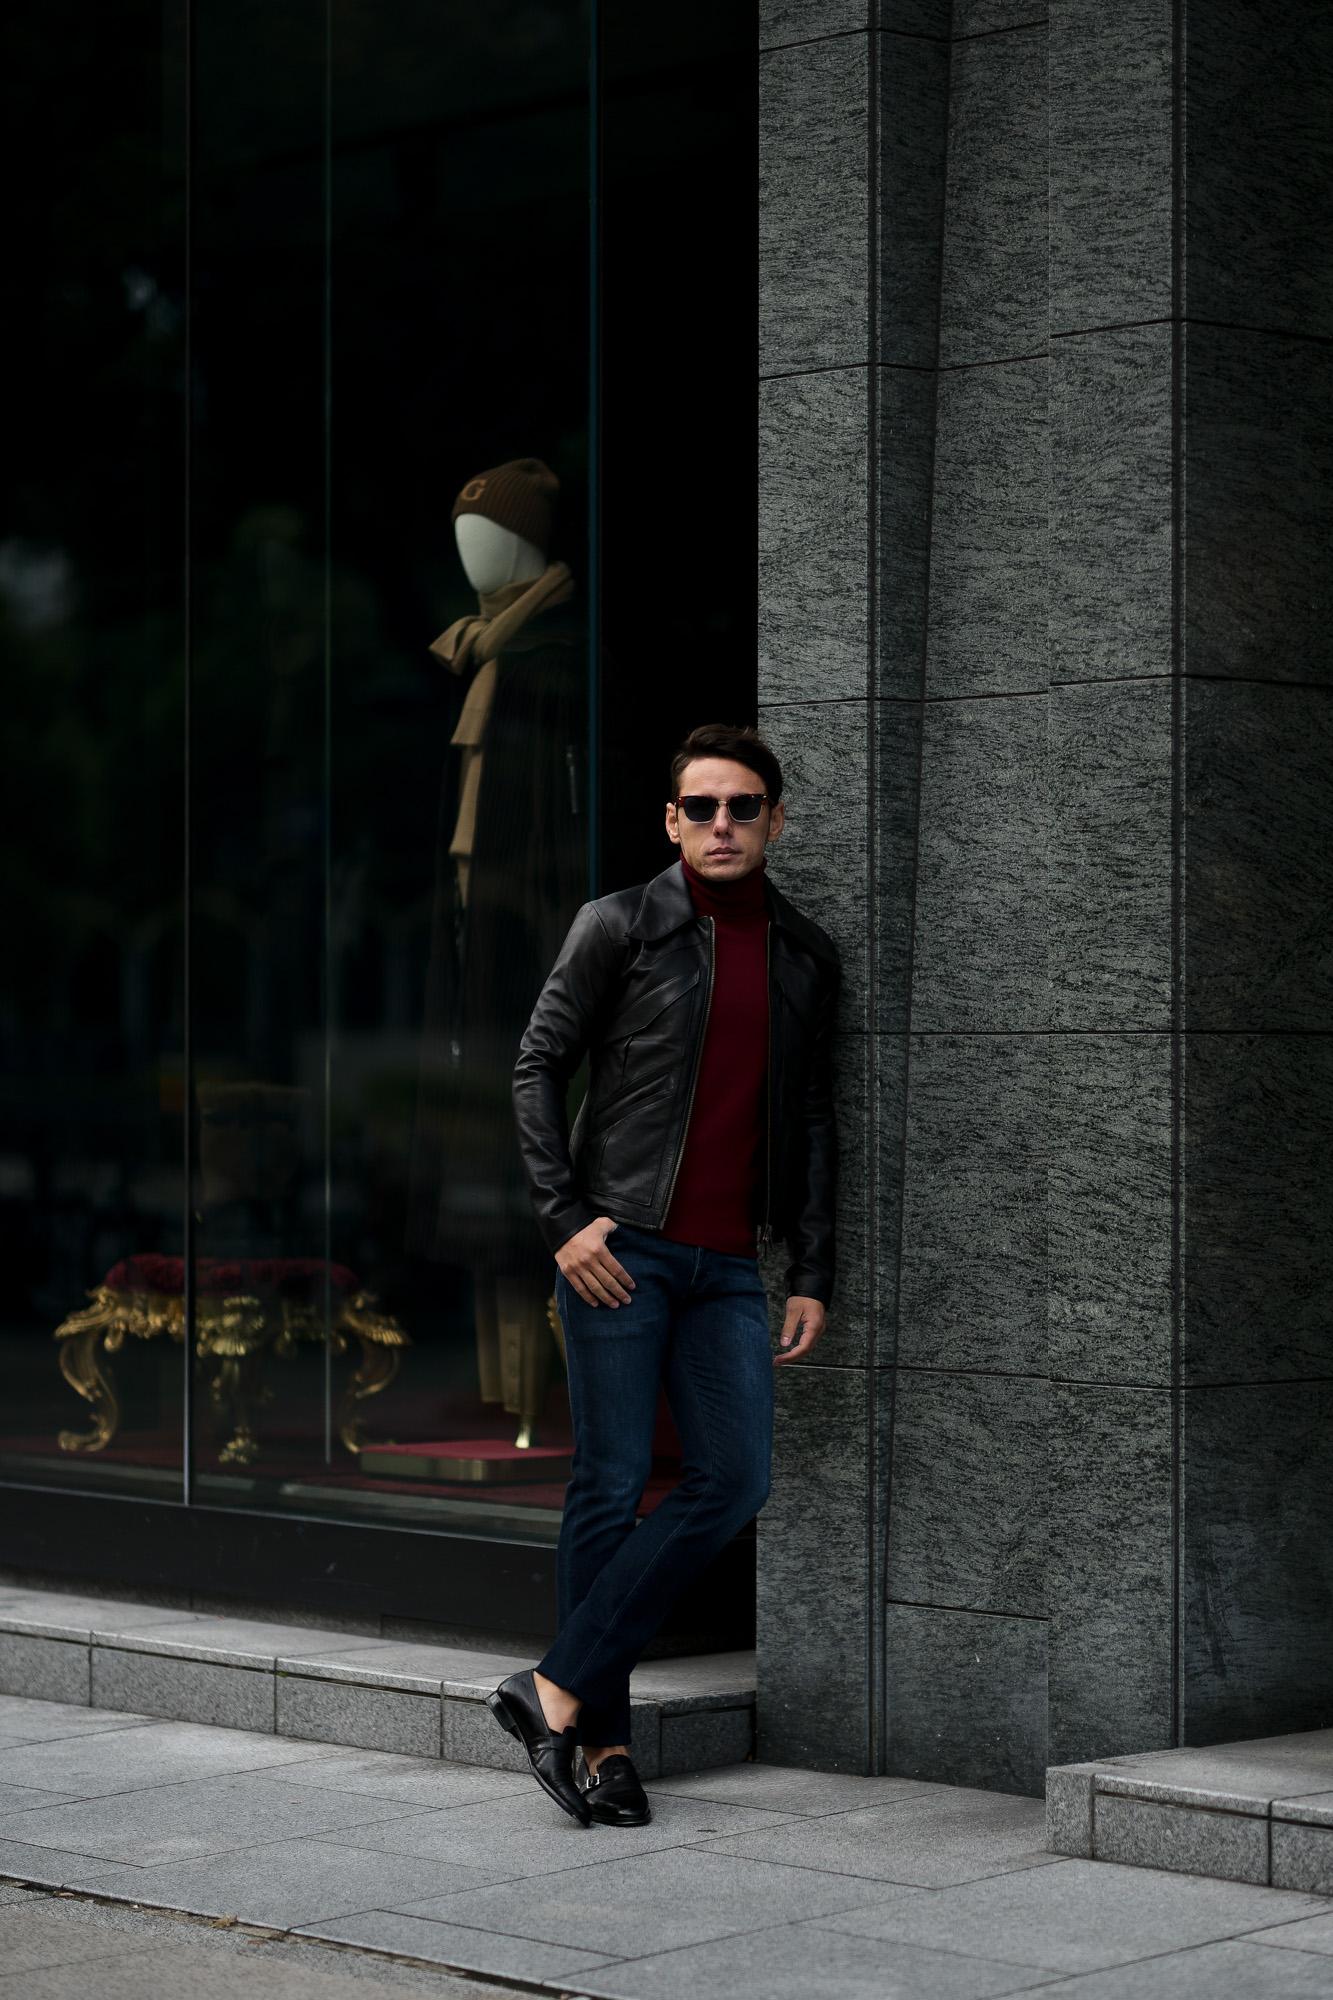 cuervo bopoha (クエルボ ヴァローナ) Satisfaction Leather Collection (サティスファクション レザー コレクション) East West (イーストウエスト) WINCHESTER (ウィンチェスター) BUFFALO LEATHER (バッファロー レザー) レザージャケット BLACK (ブラック) MADE IN JAPAN (日本製) 2020 秋冬新作 愛知 名古屋 altoediritto アルトエデリット